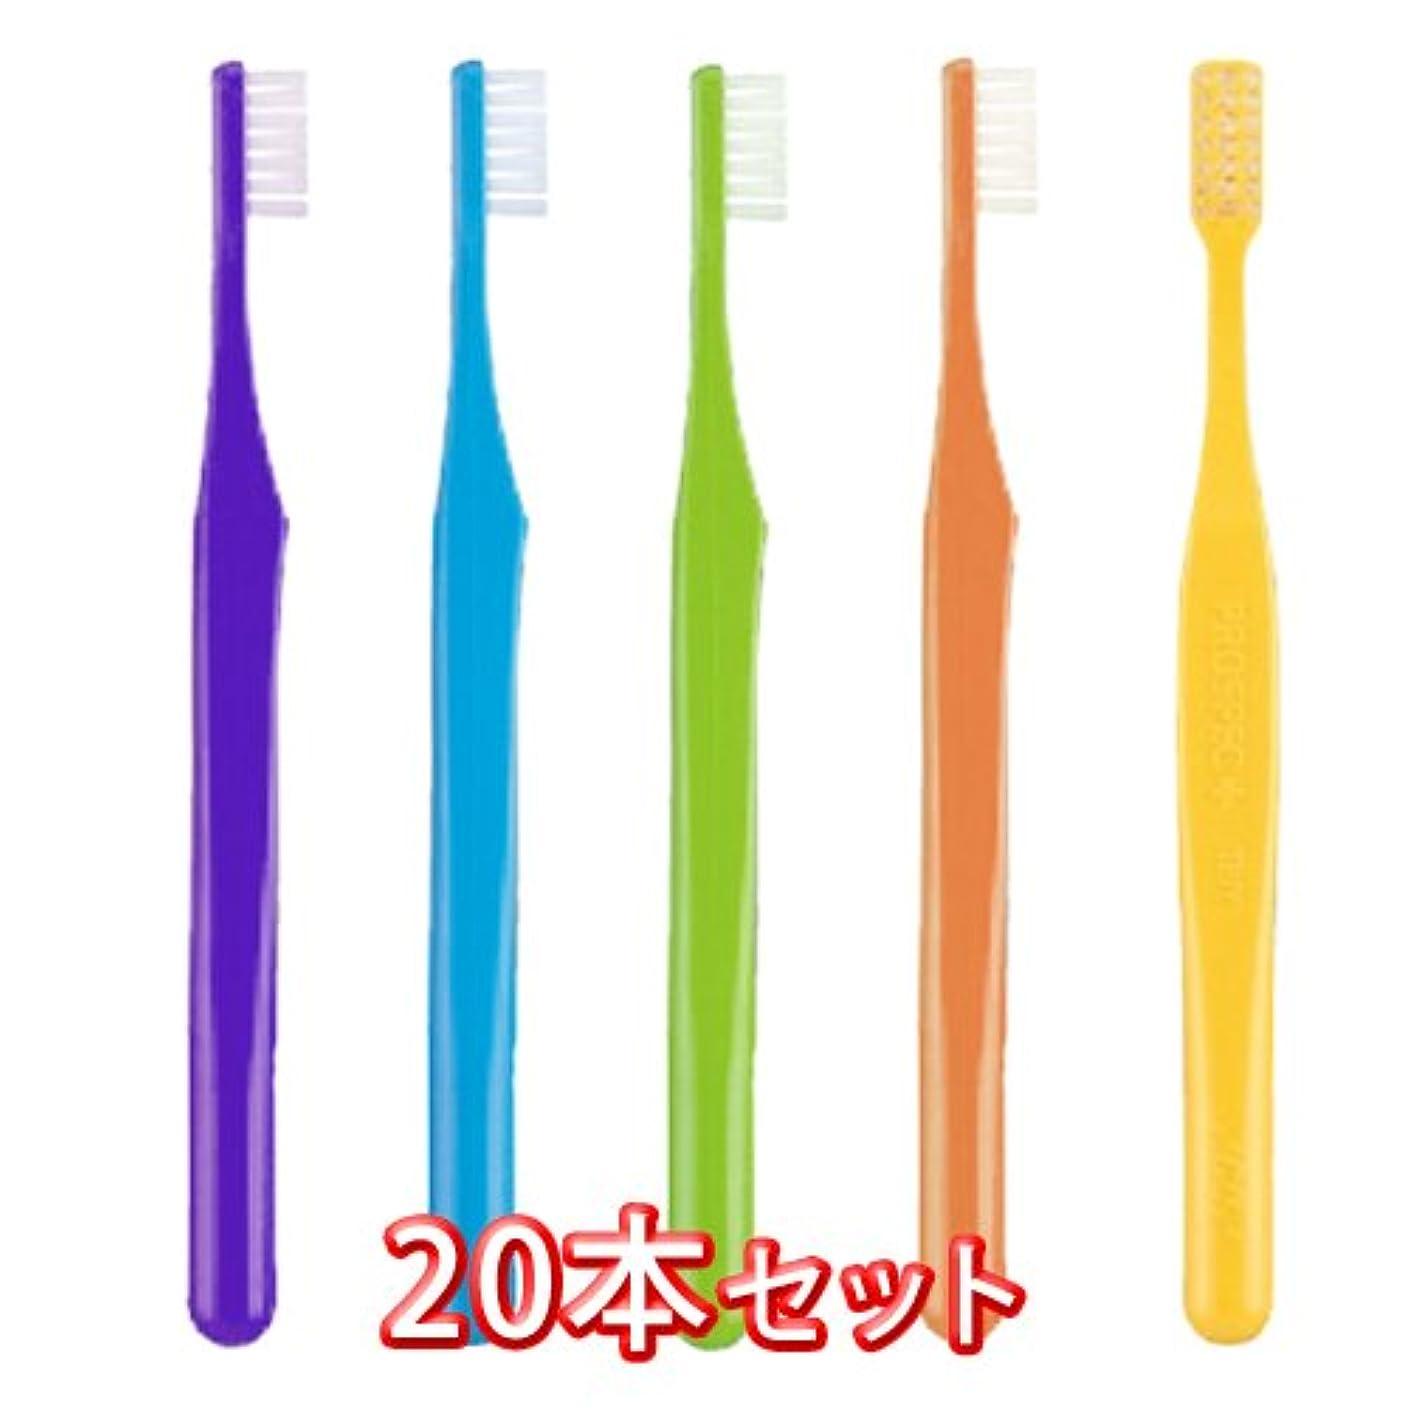 リマークファーザーファージュとげプロスペック プラス 歯ブラシ 20本入 タイニー